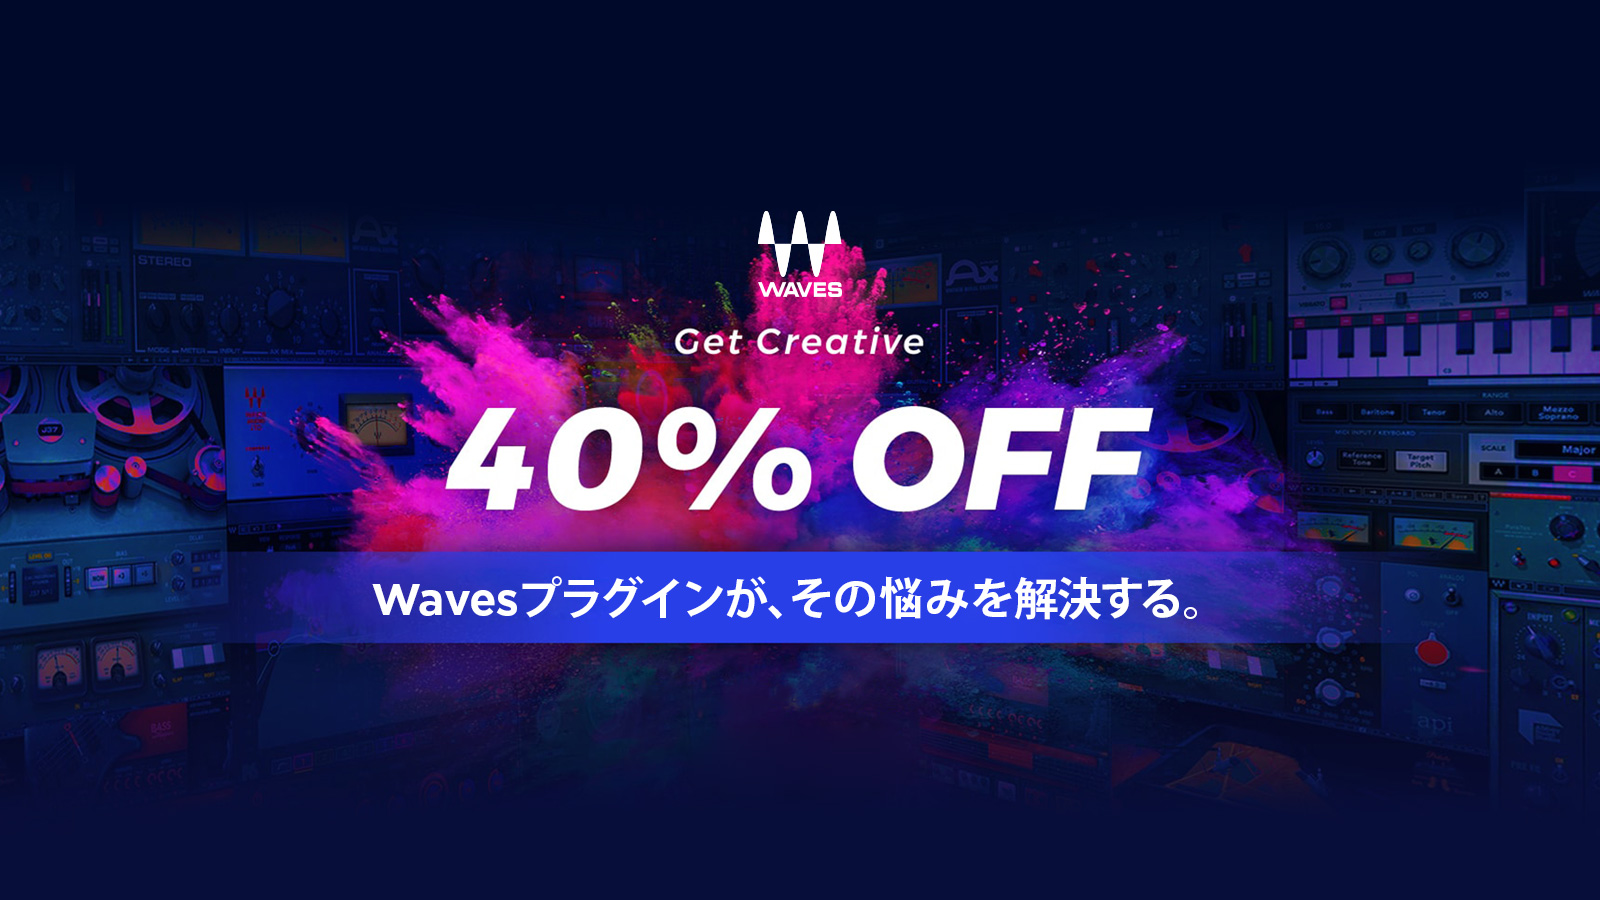 【40%OFF】Wavesほぼ全製品がセール中!さらに条件クリアで最大2つのプラグインがもらえる!